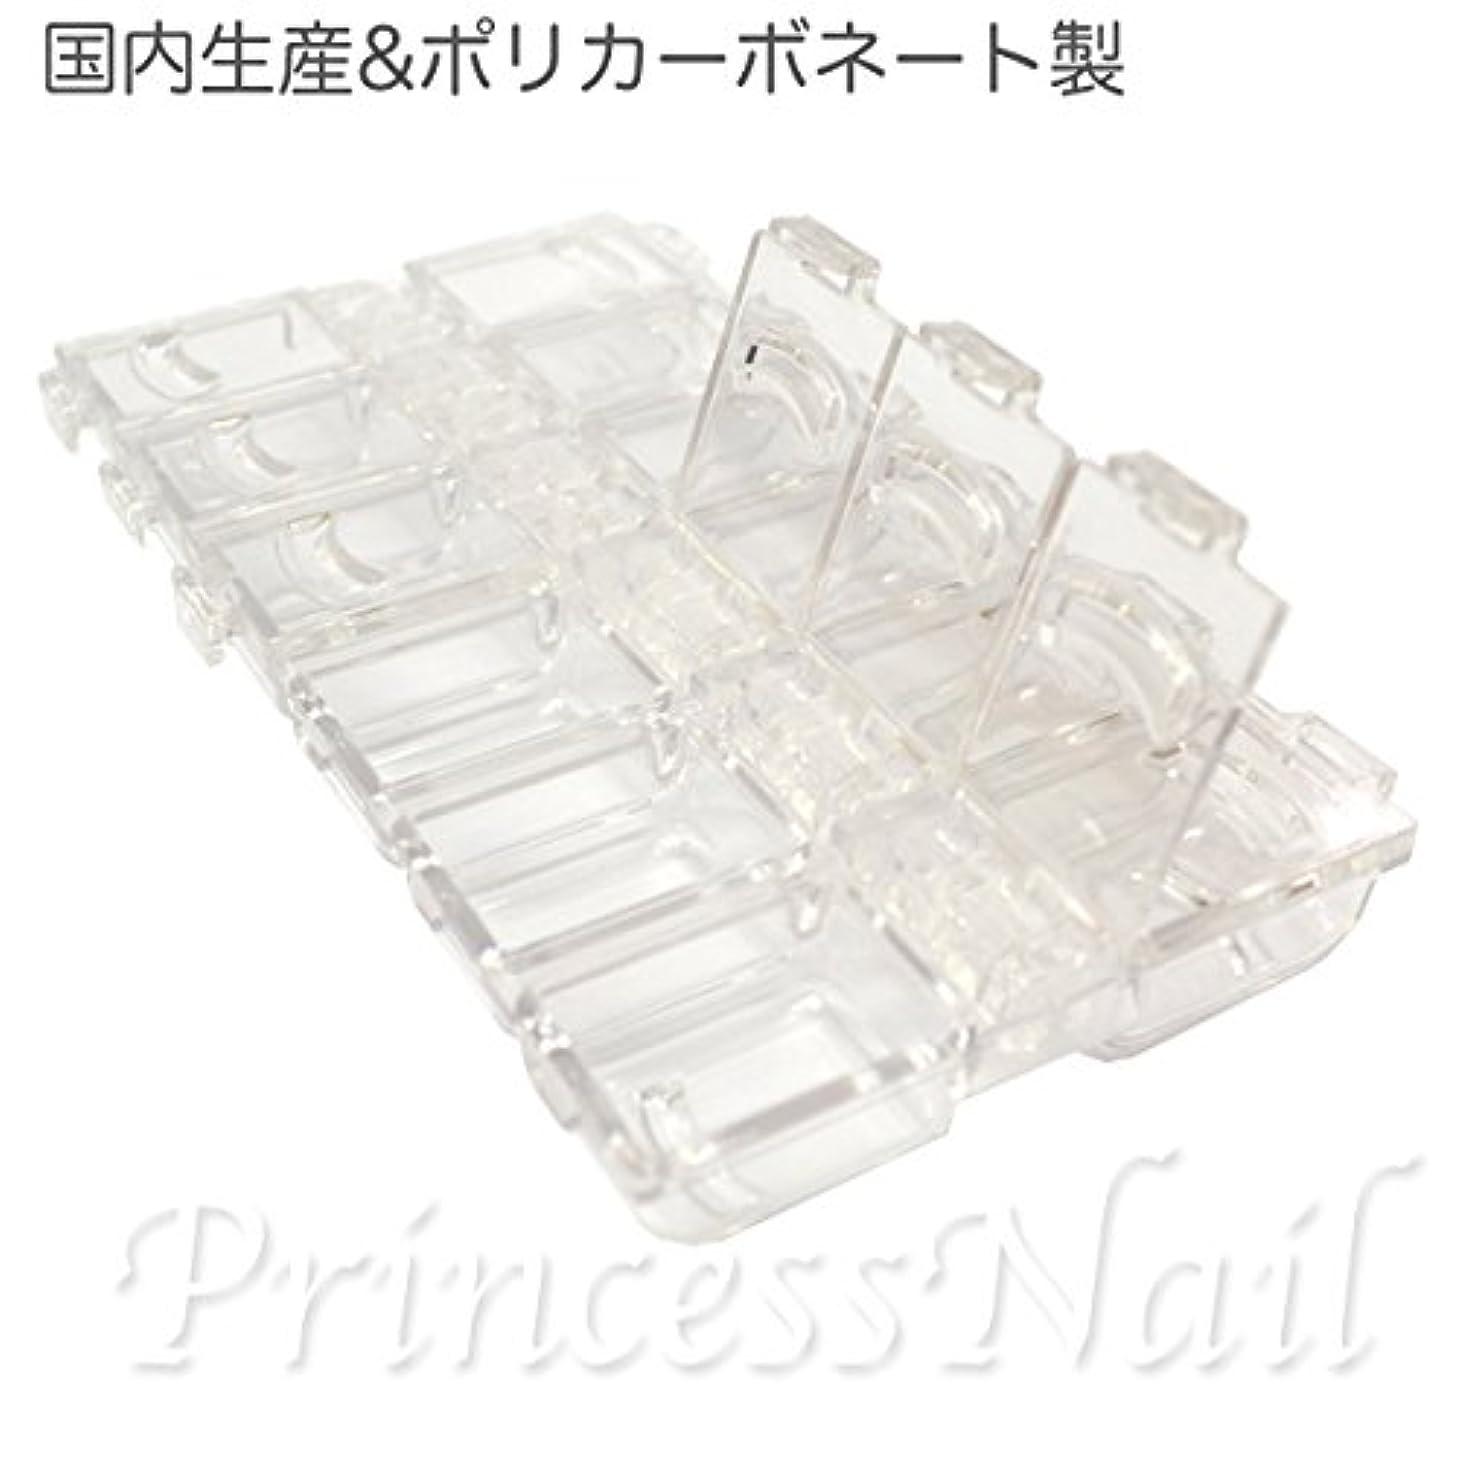 競合他社選手経済タイムリーな国産のポリカーボネート製のパーツケース 12格子蓋付ケース!透明度が高くパーツも綺麗に見えます